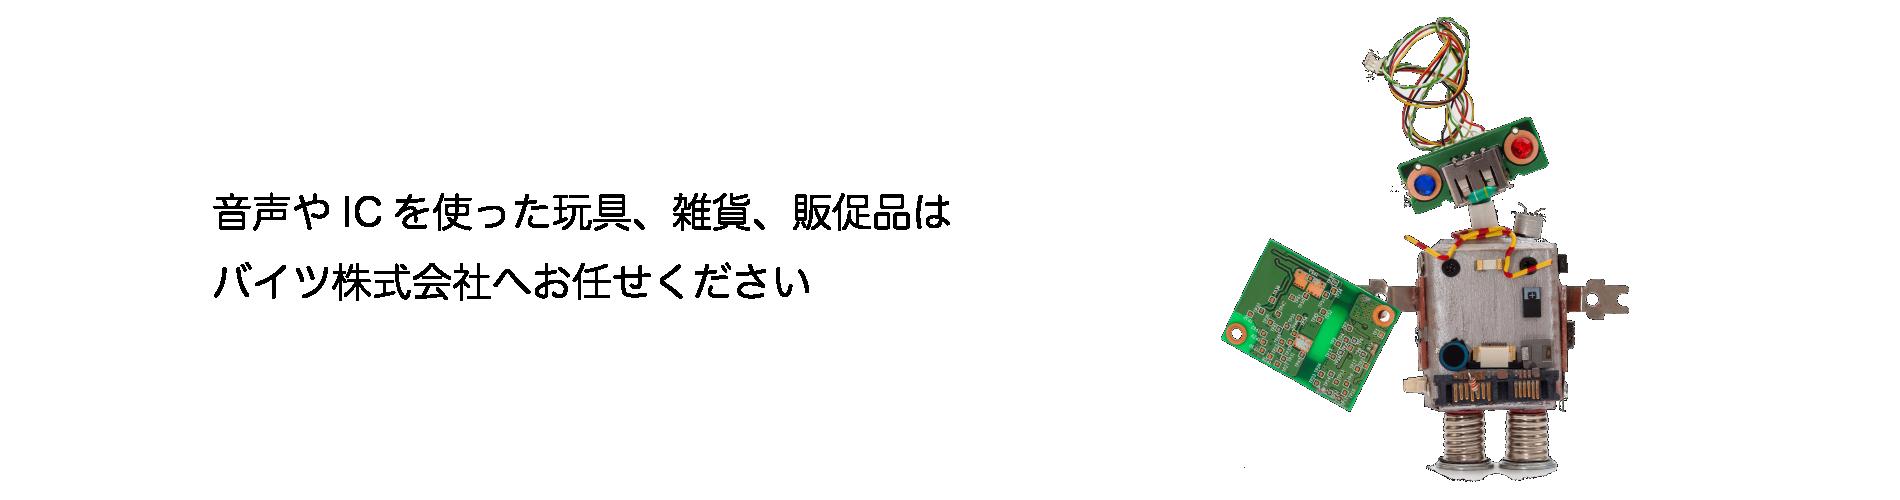 バイツ株式会社 トップ画像1 電子玩具OEM